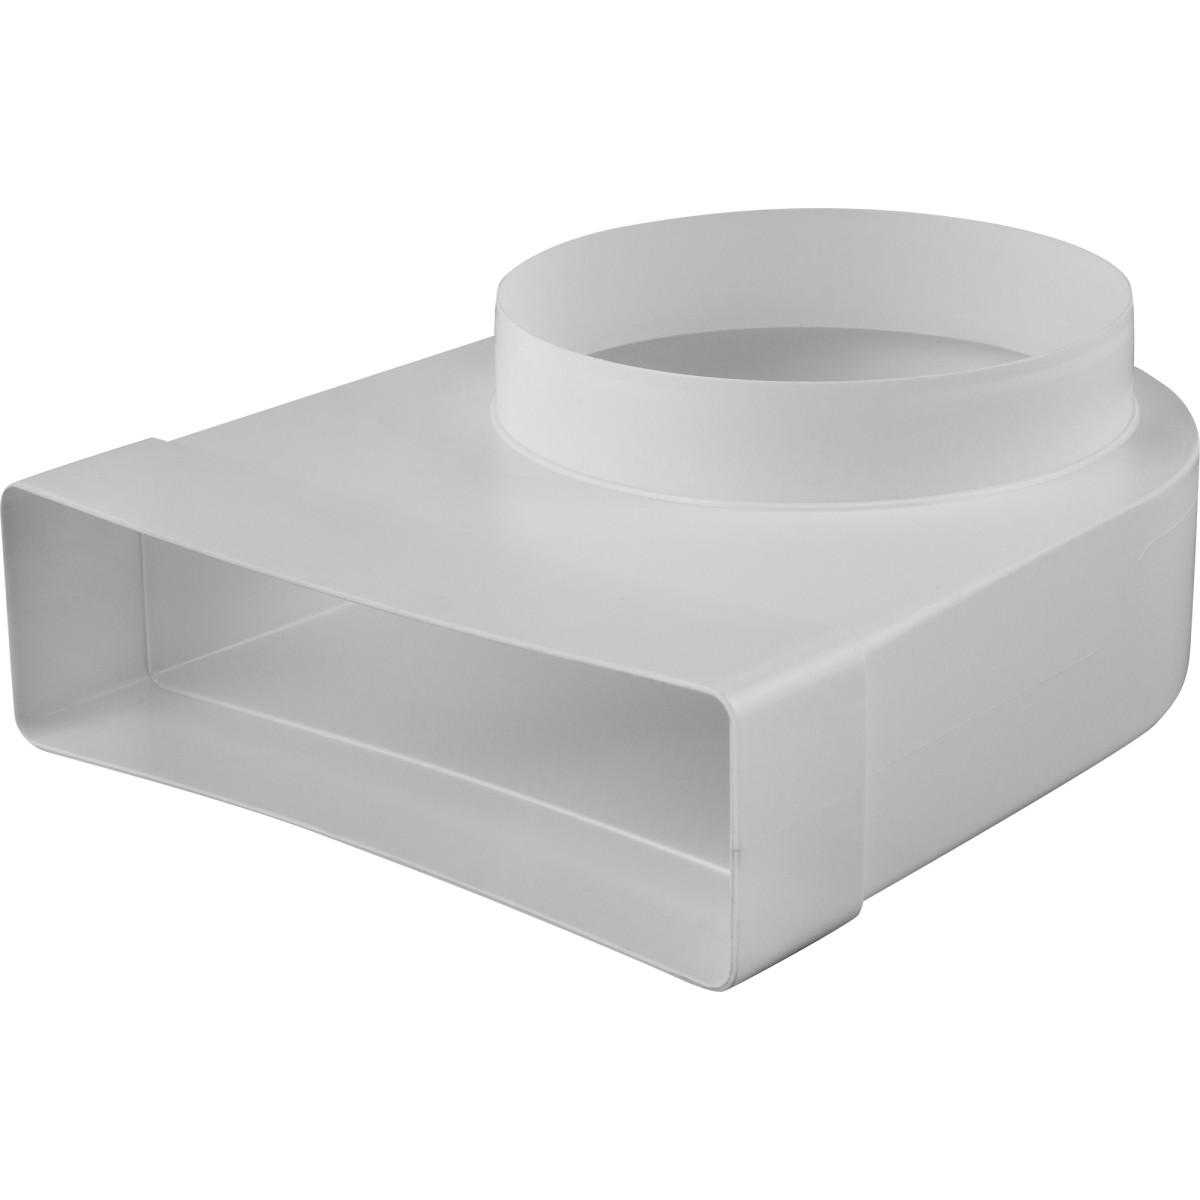 Колено соединитильное плоское-круглое Equation 60х204 мм D150 мм